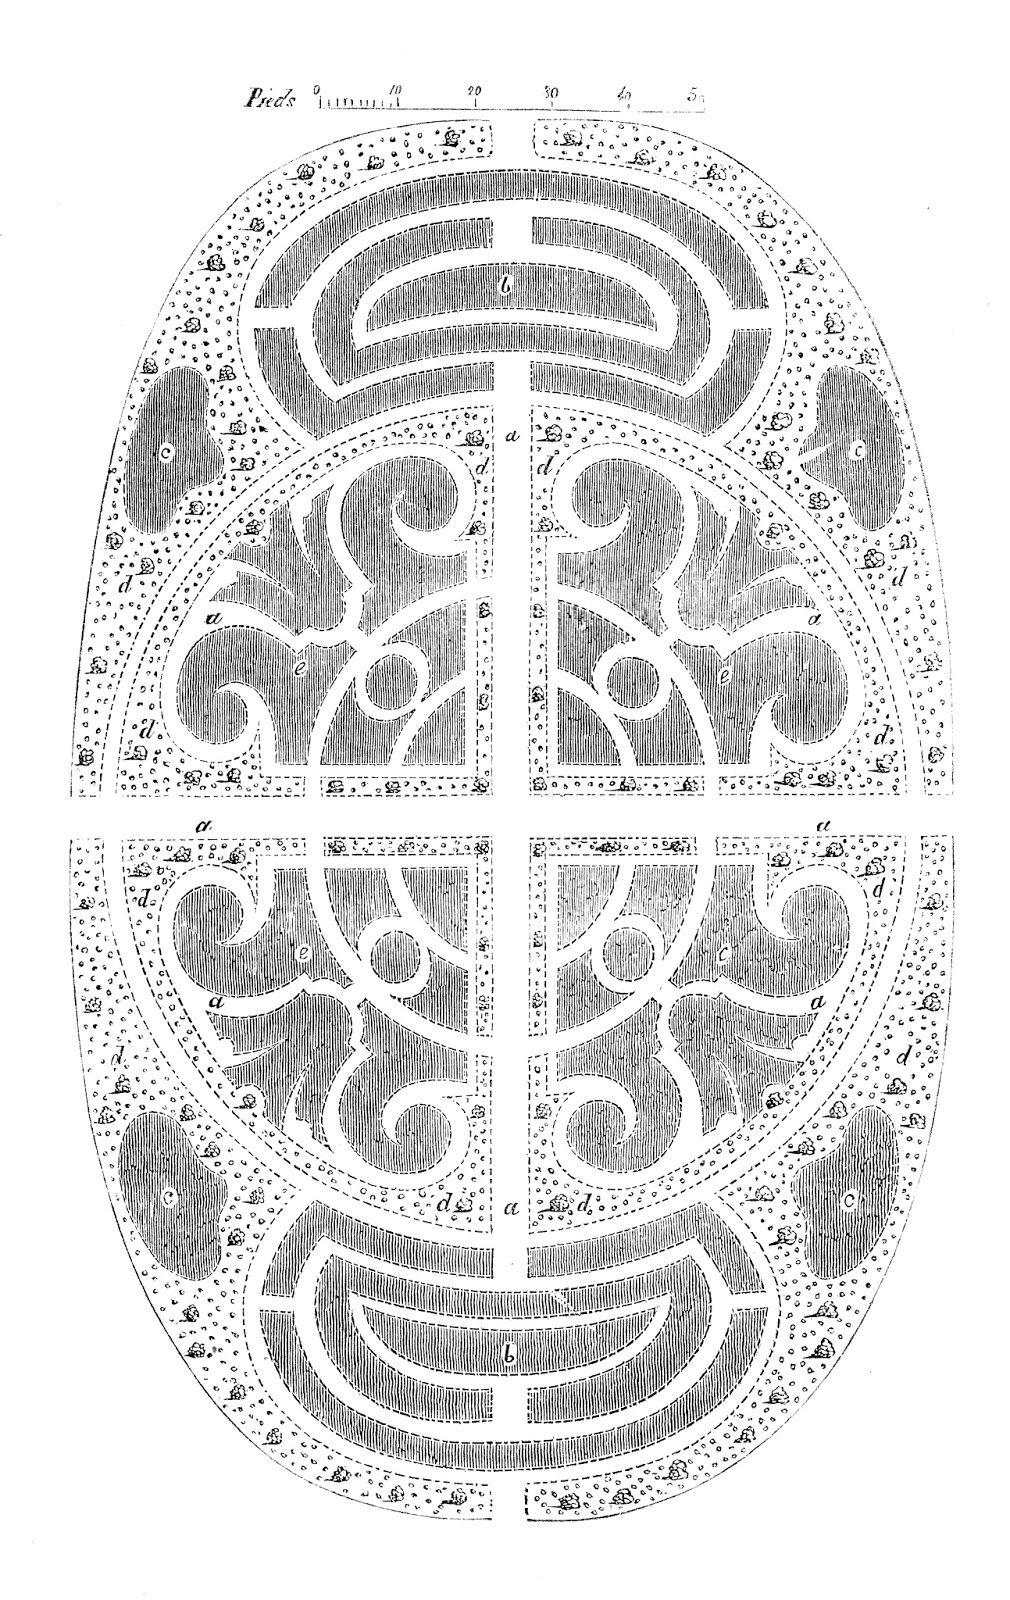 Free vintage printable garden plan | Drawing garden | Pinterest ...